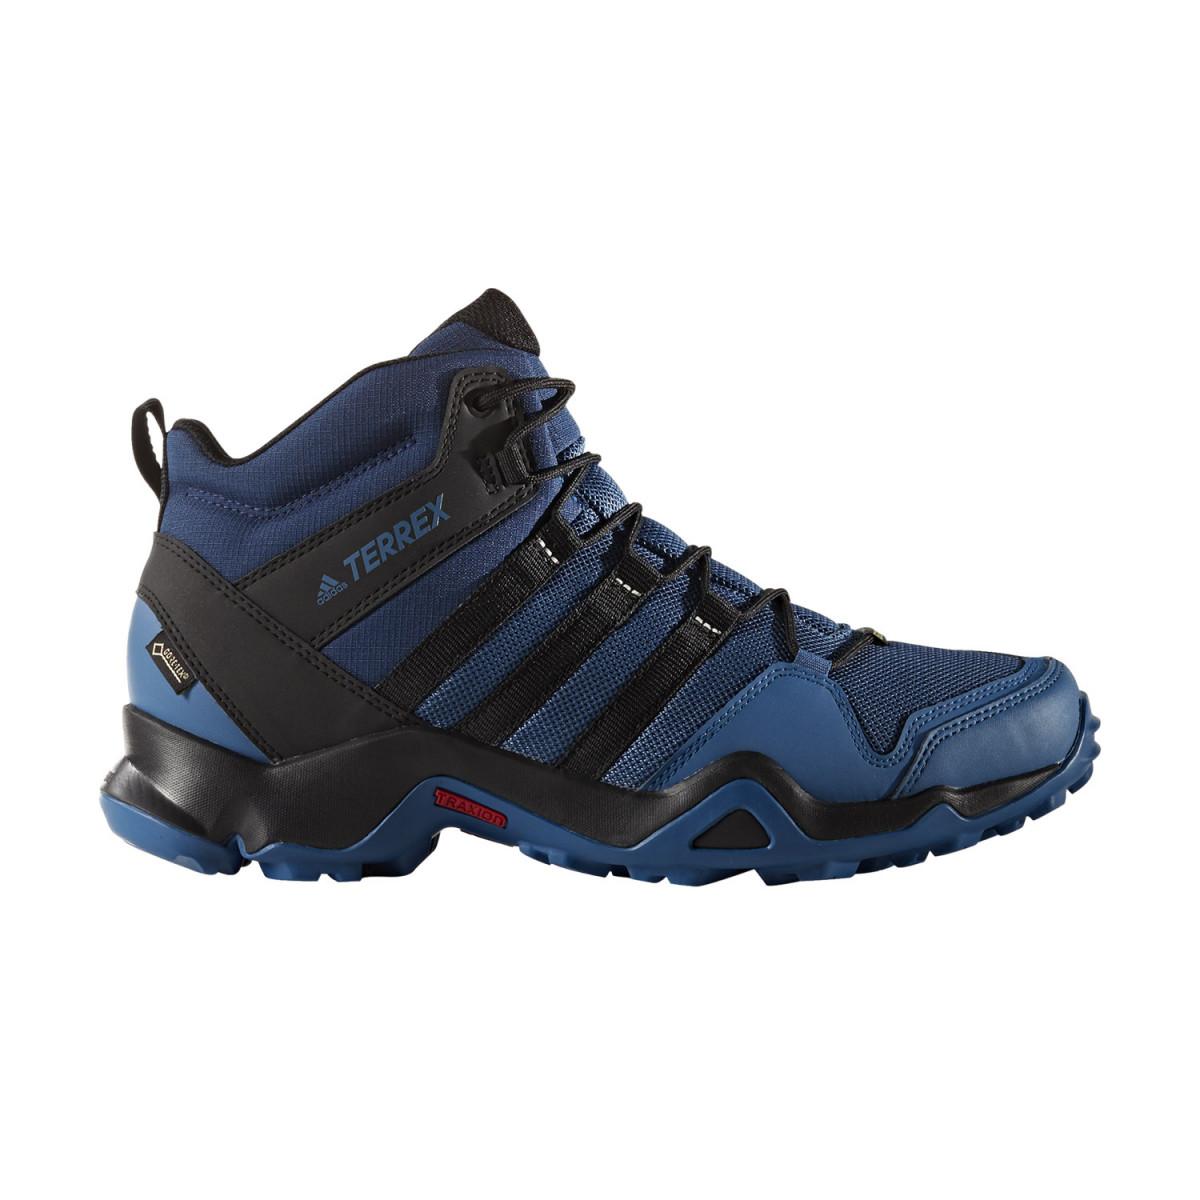 Zapatillas Adidas Terrex Ax2r Mid Gtx 6e9ccdc03ca